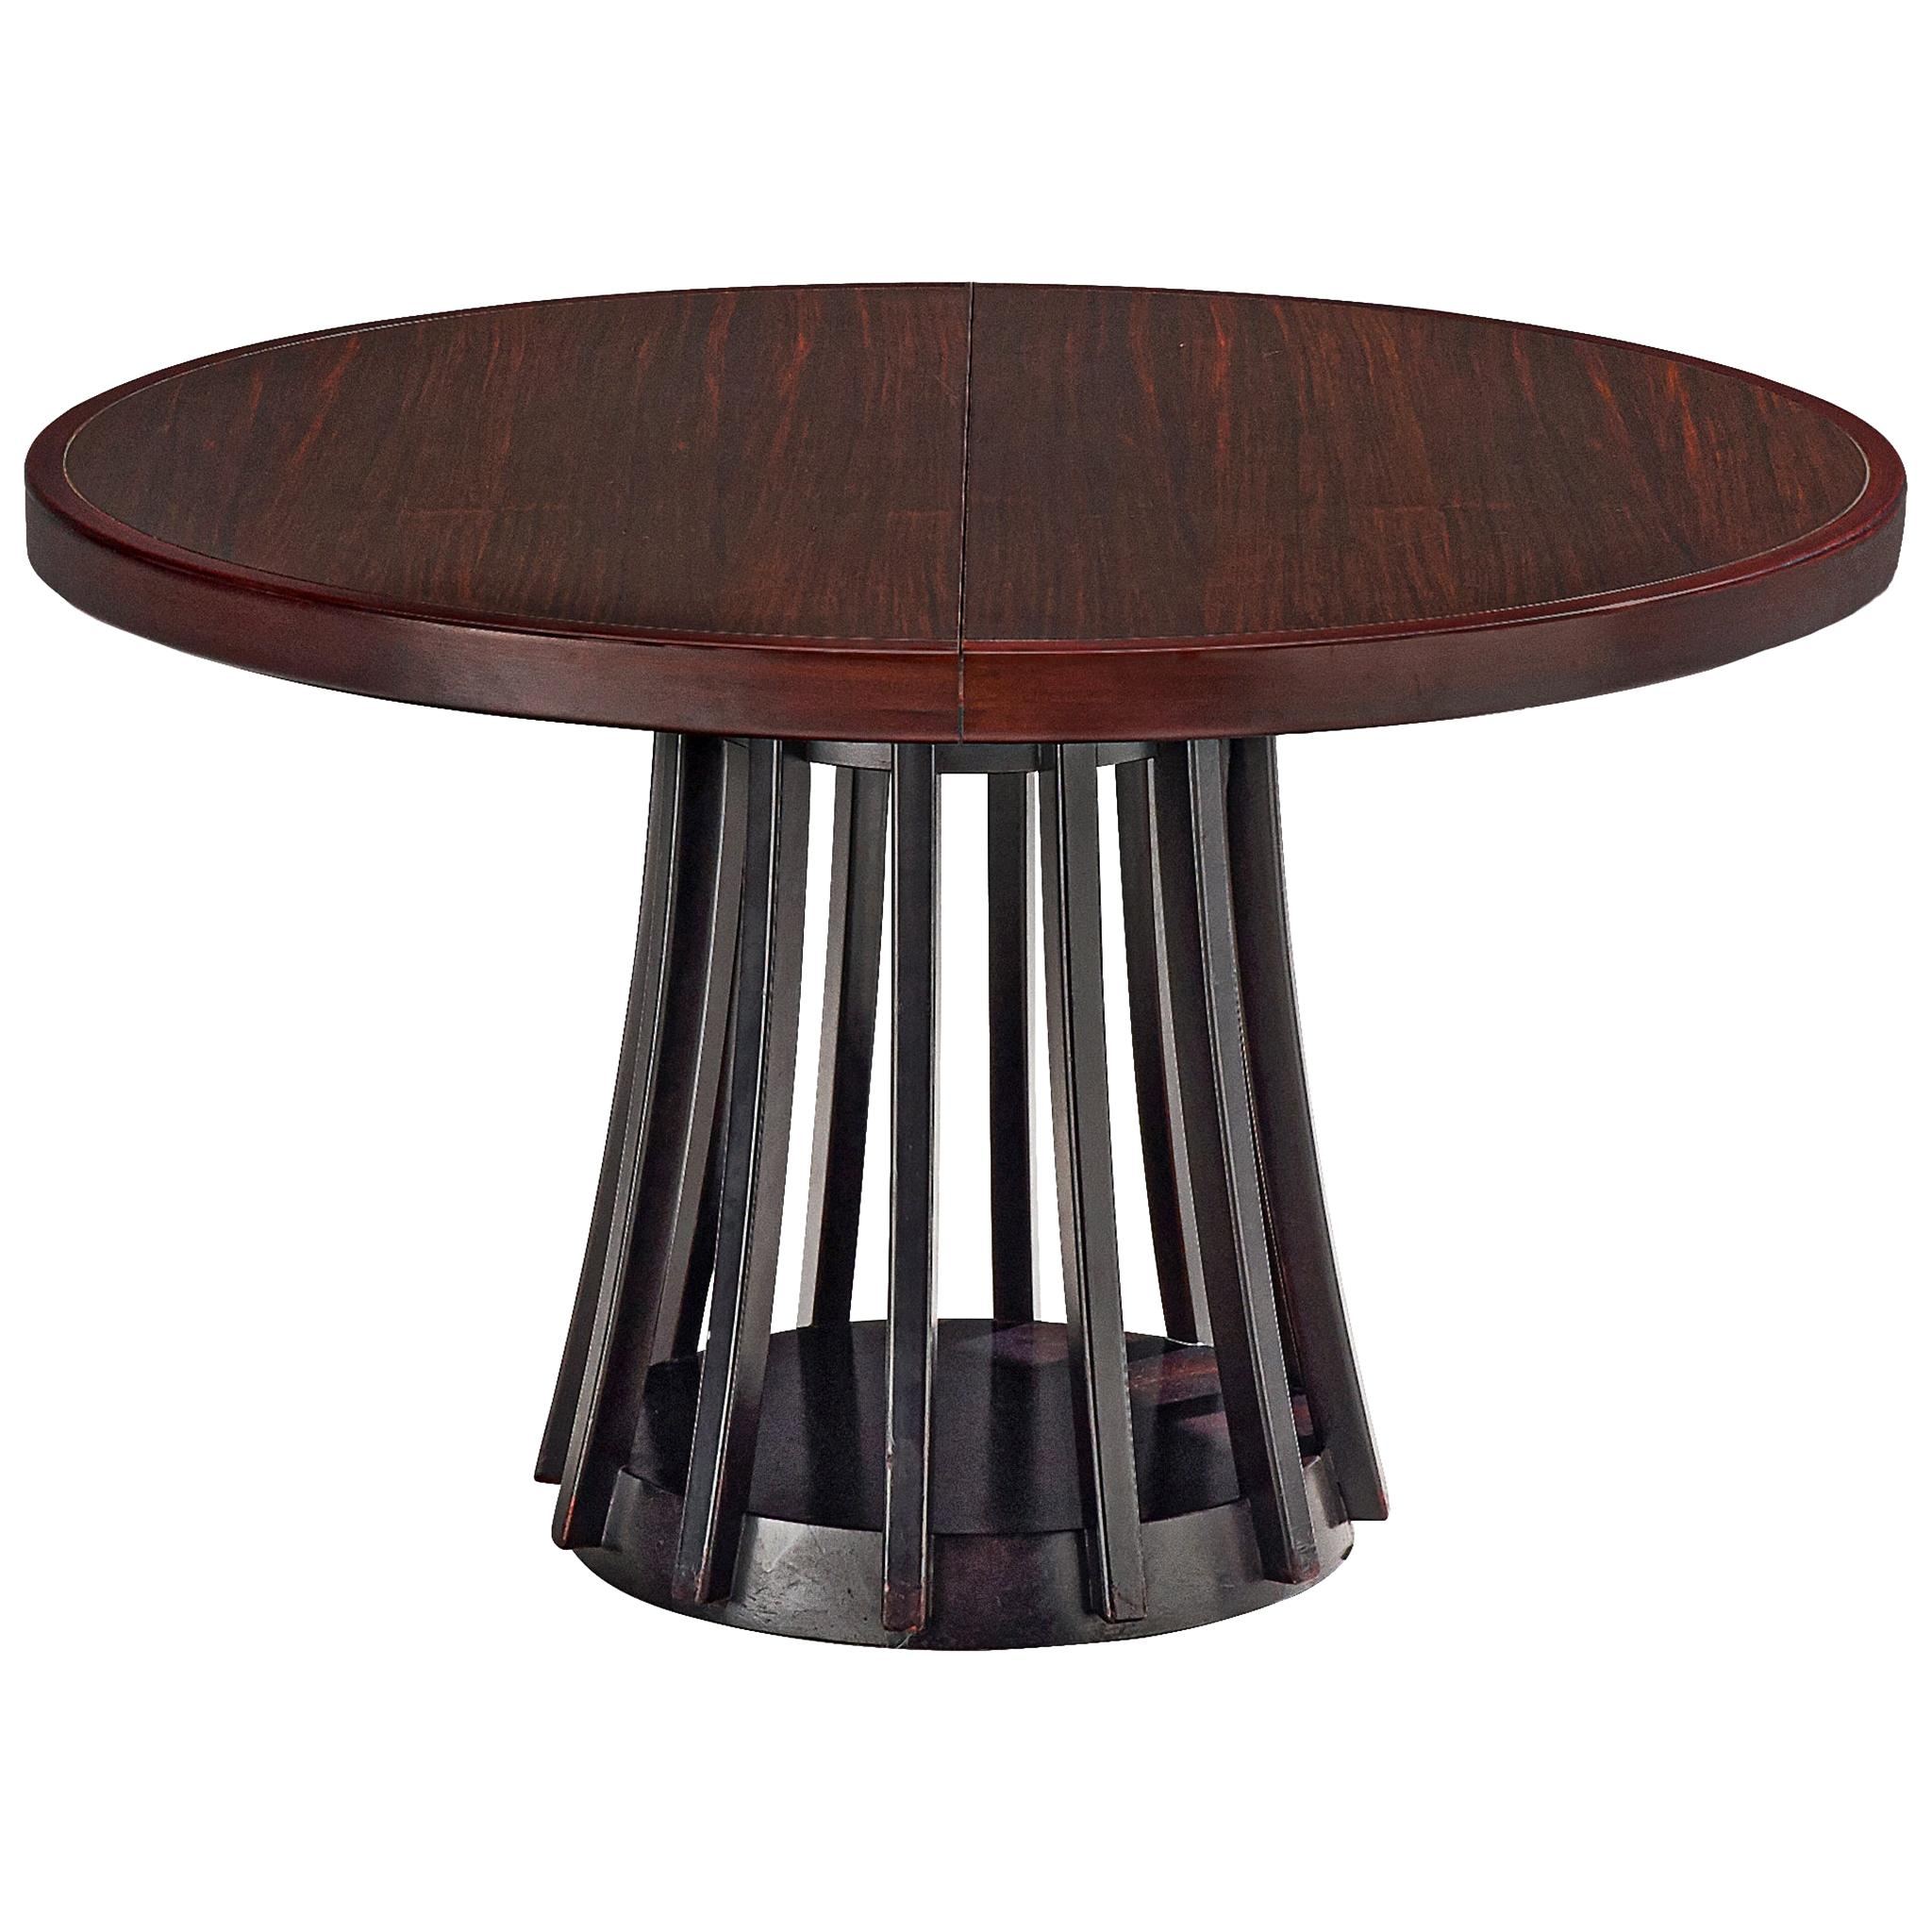 Angelo Mangiarotti Extendable Table in Mahogany